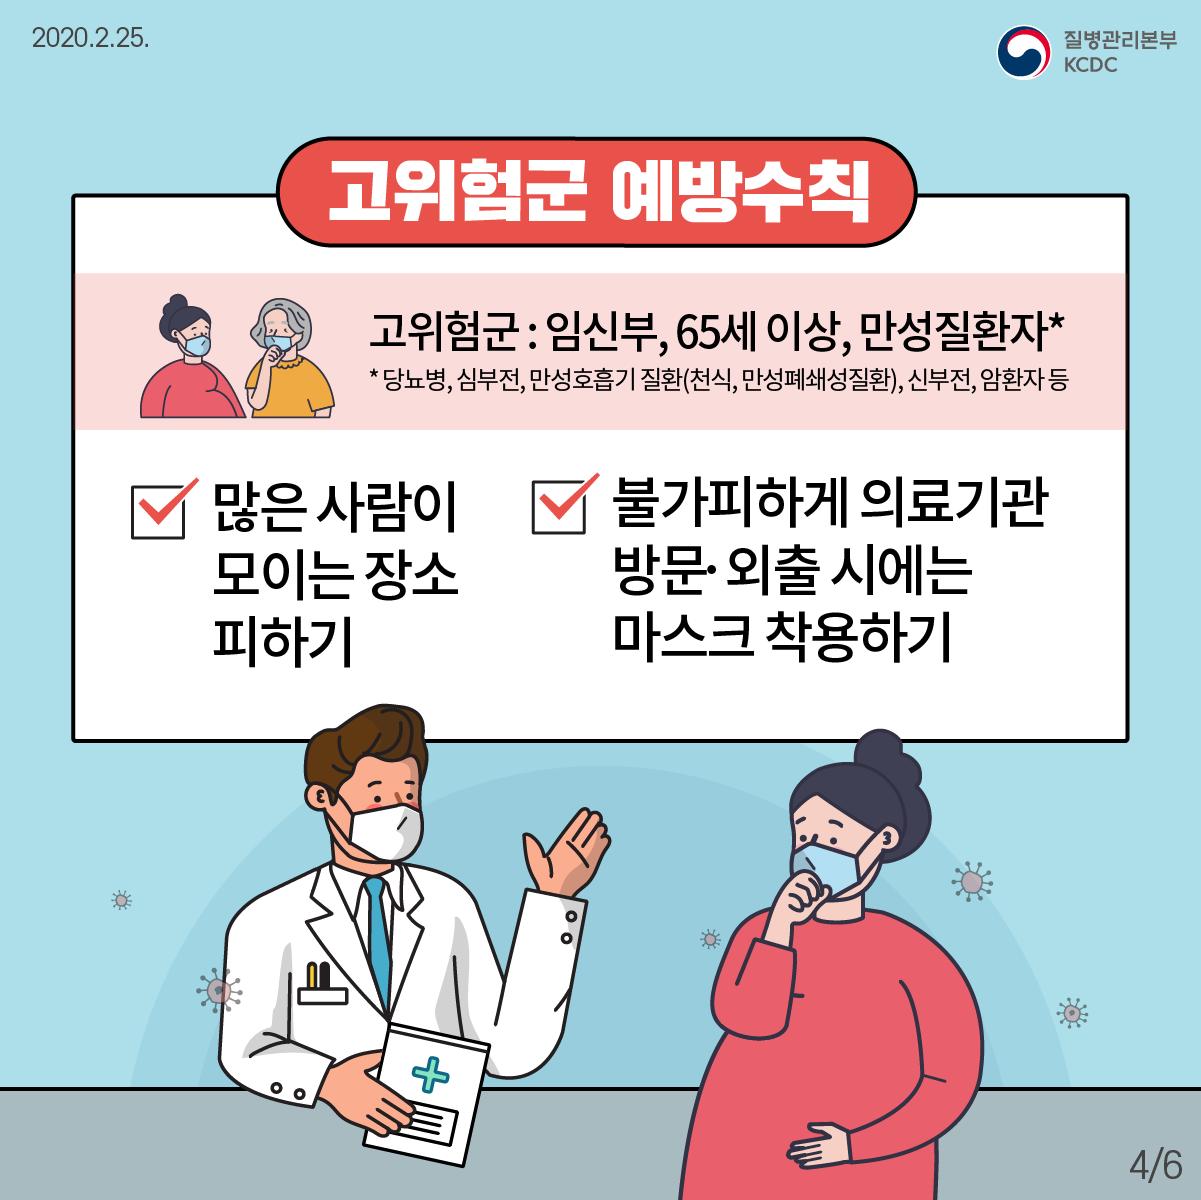 국민예방행동수칙(카드뉴스)_4